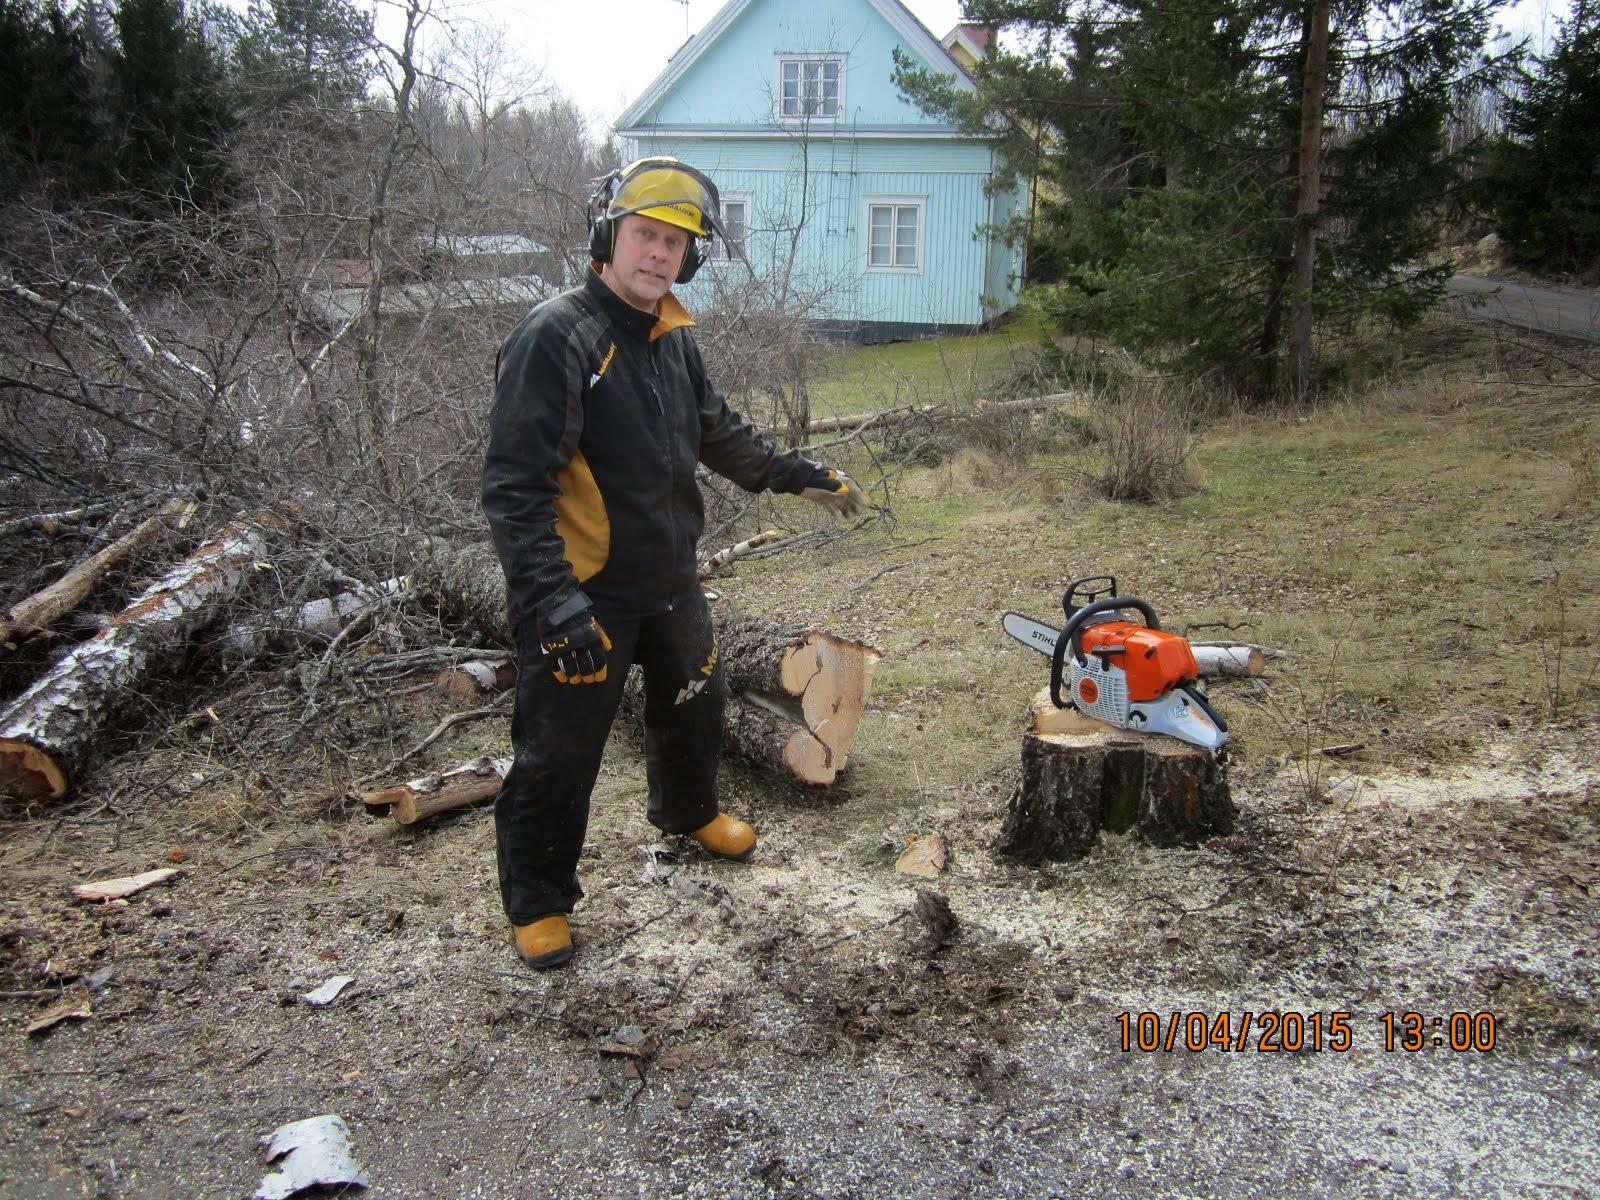 Pihakoivujen ja puiden kaadot Tampere Pirkanmaa alueella käteisellä. Kotitalousvähennysmahdollisuus